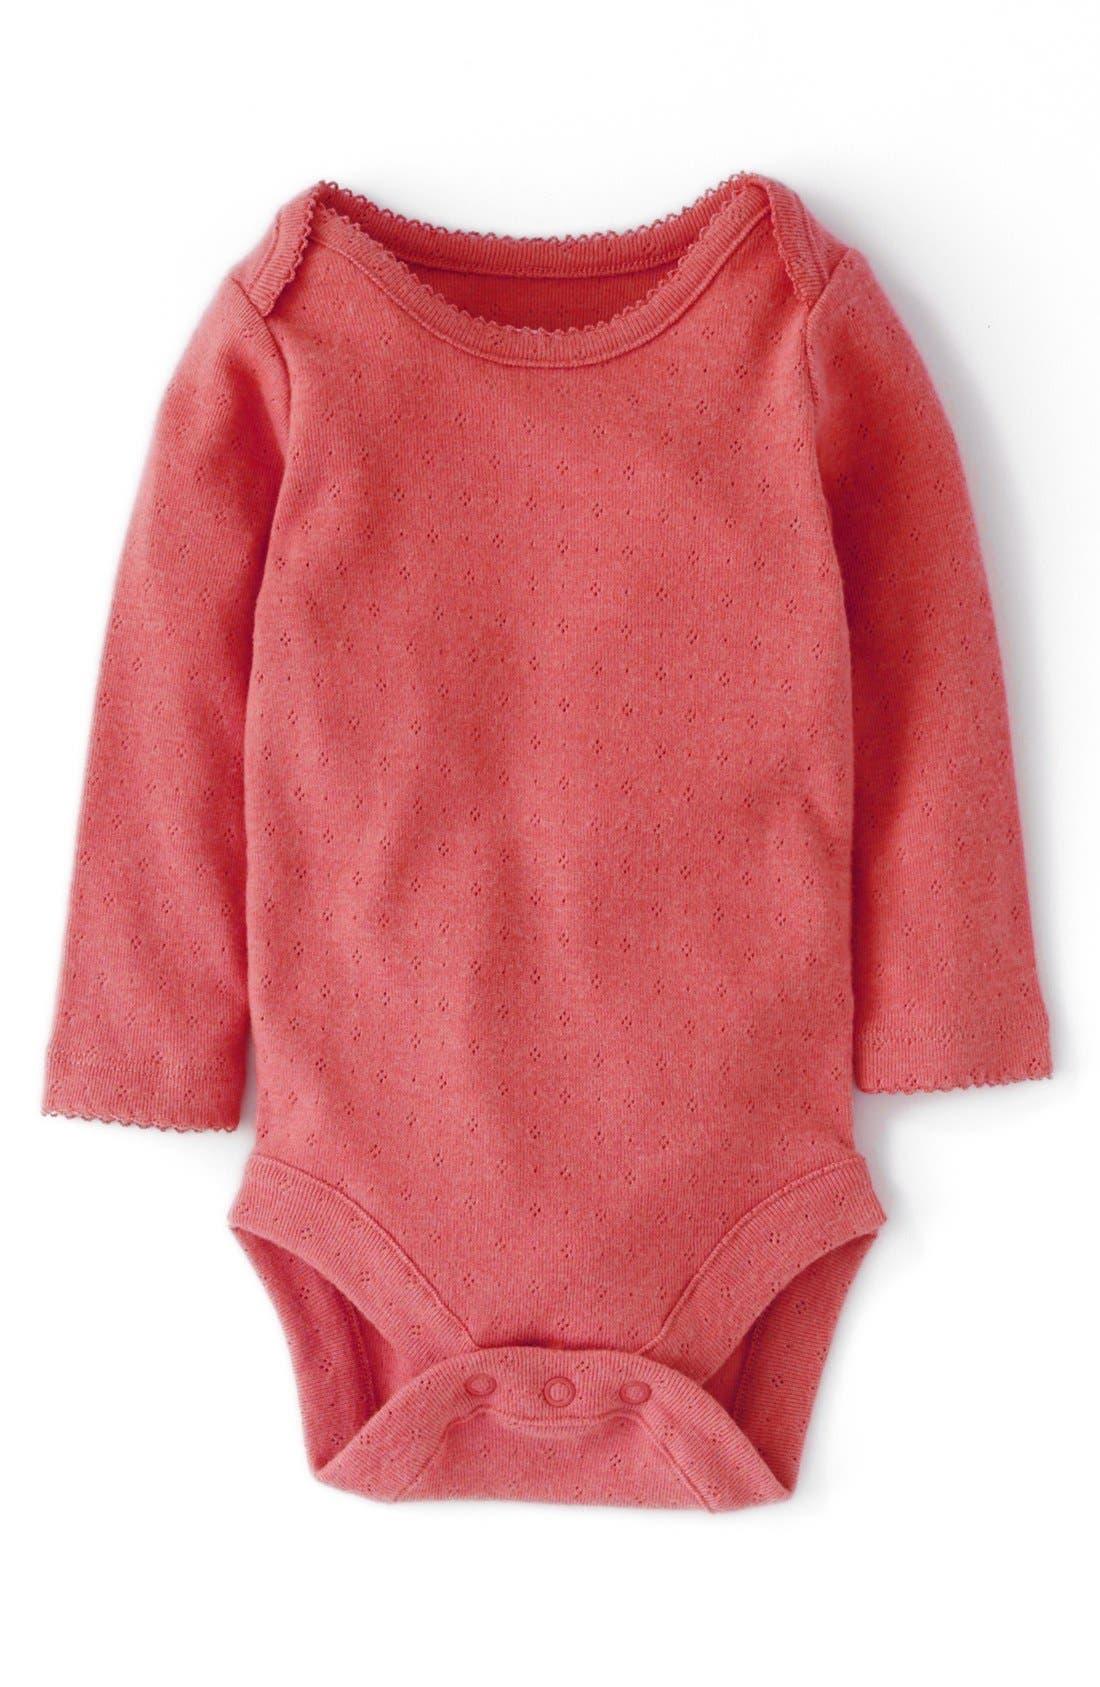 Main Image - Mini Boden Pointelle Bodysuit (Baby Girls)